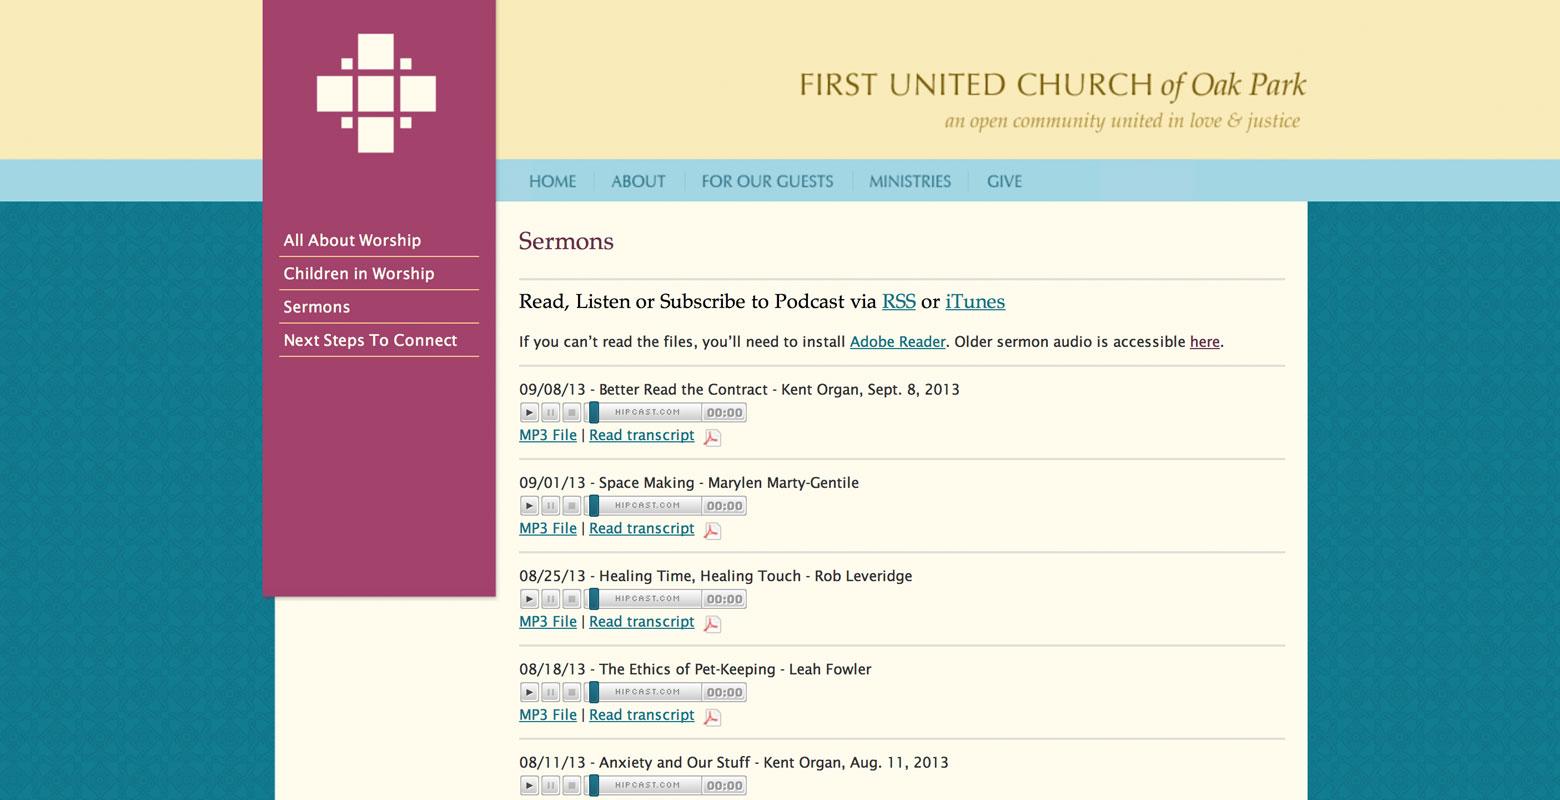 First United Church of Oak Park